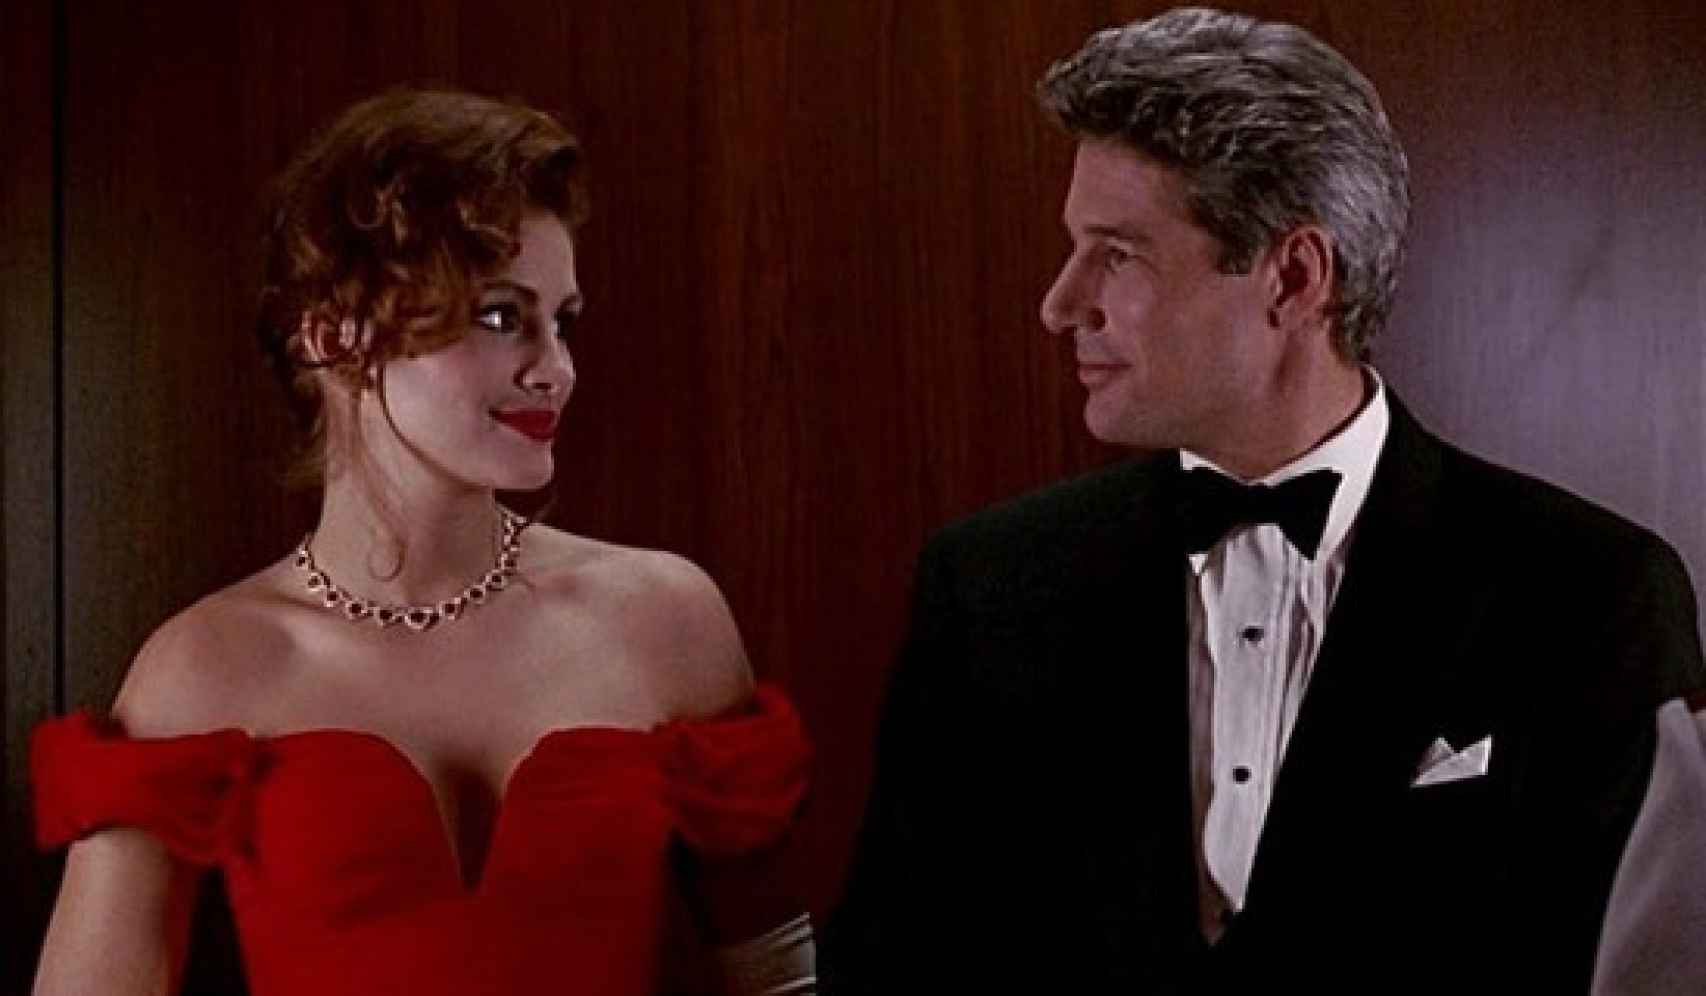 El personaje de Roberts pide al de Gere el cuento de hadas.